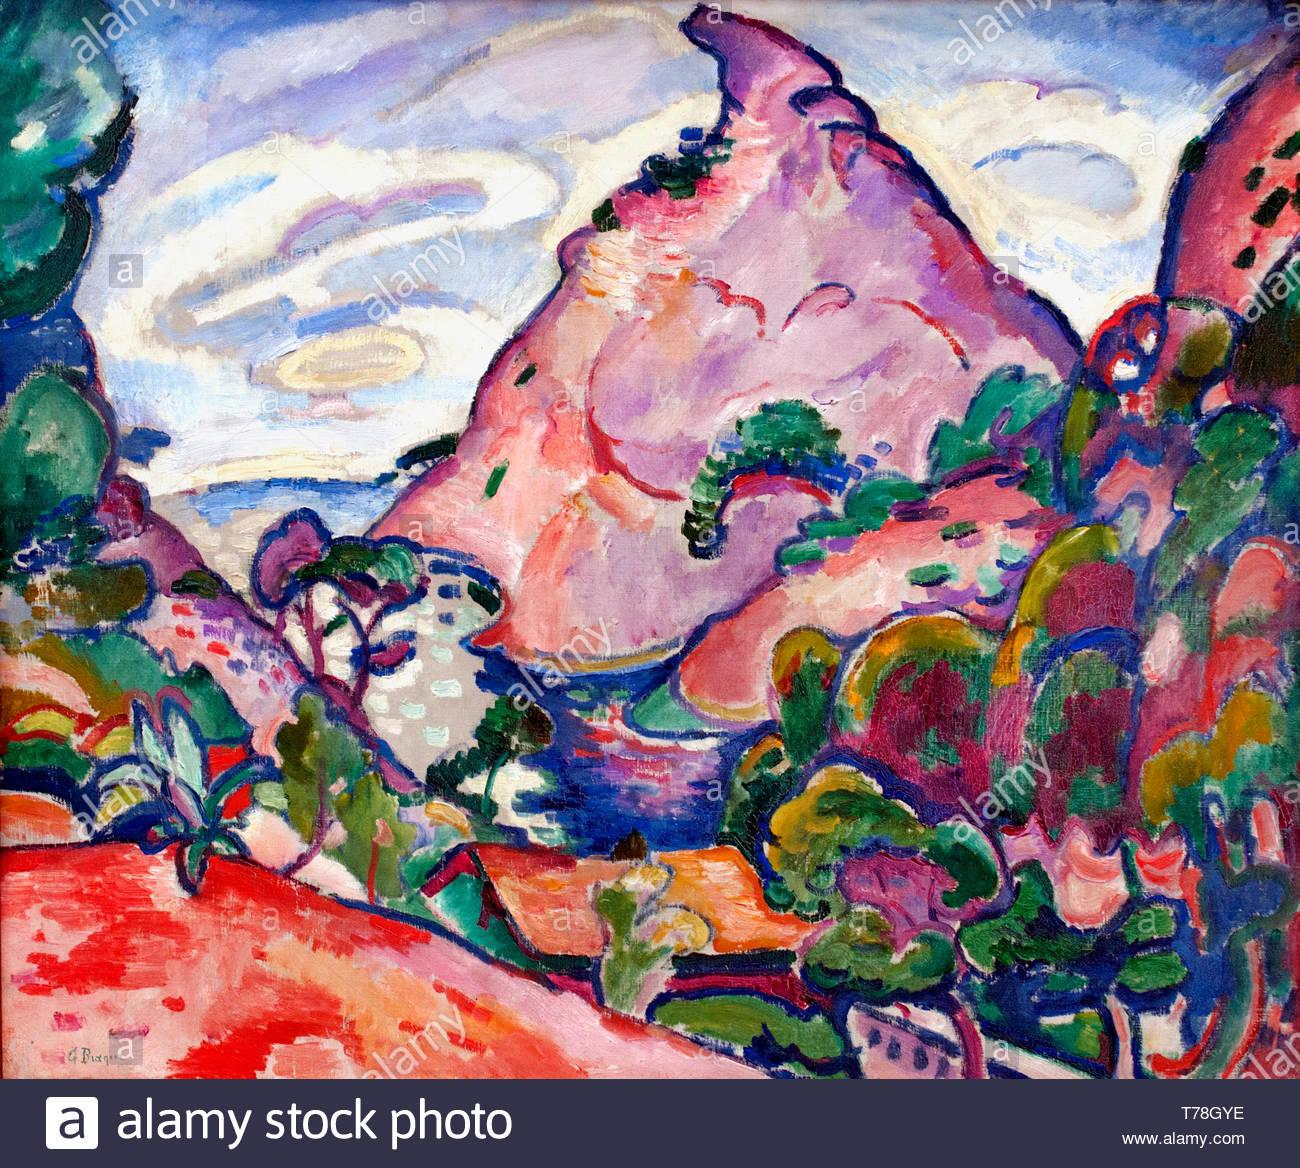 La Calanque - Temps Gris 1907 Georges Braque, nacido en 1882, pintor y escultor francés. (Fauvismo, cubismo) Francia Imagen De Stock